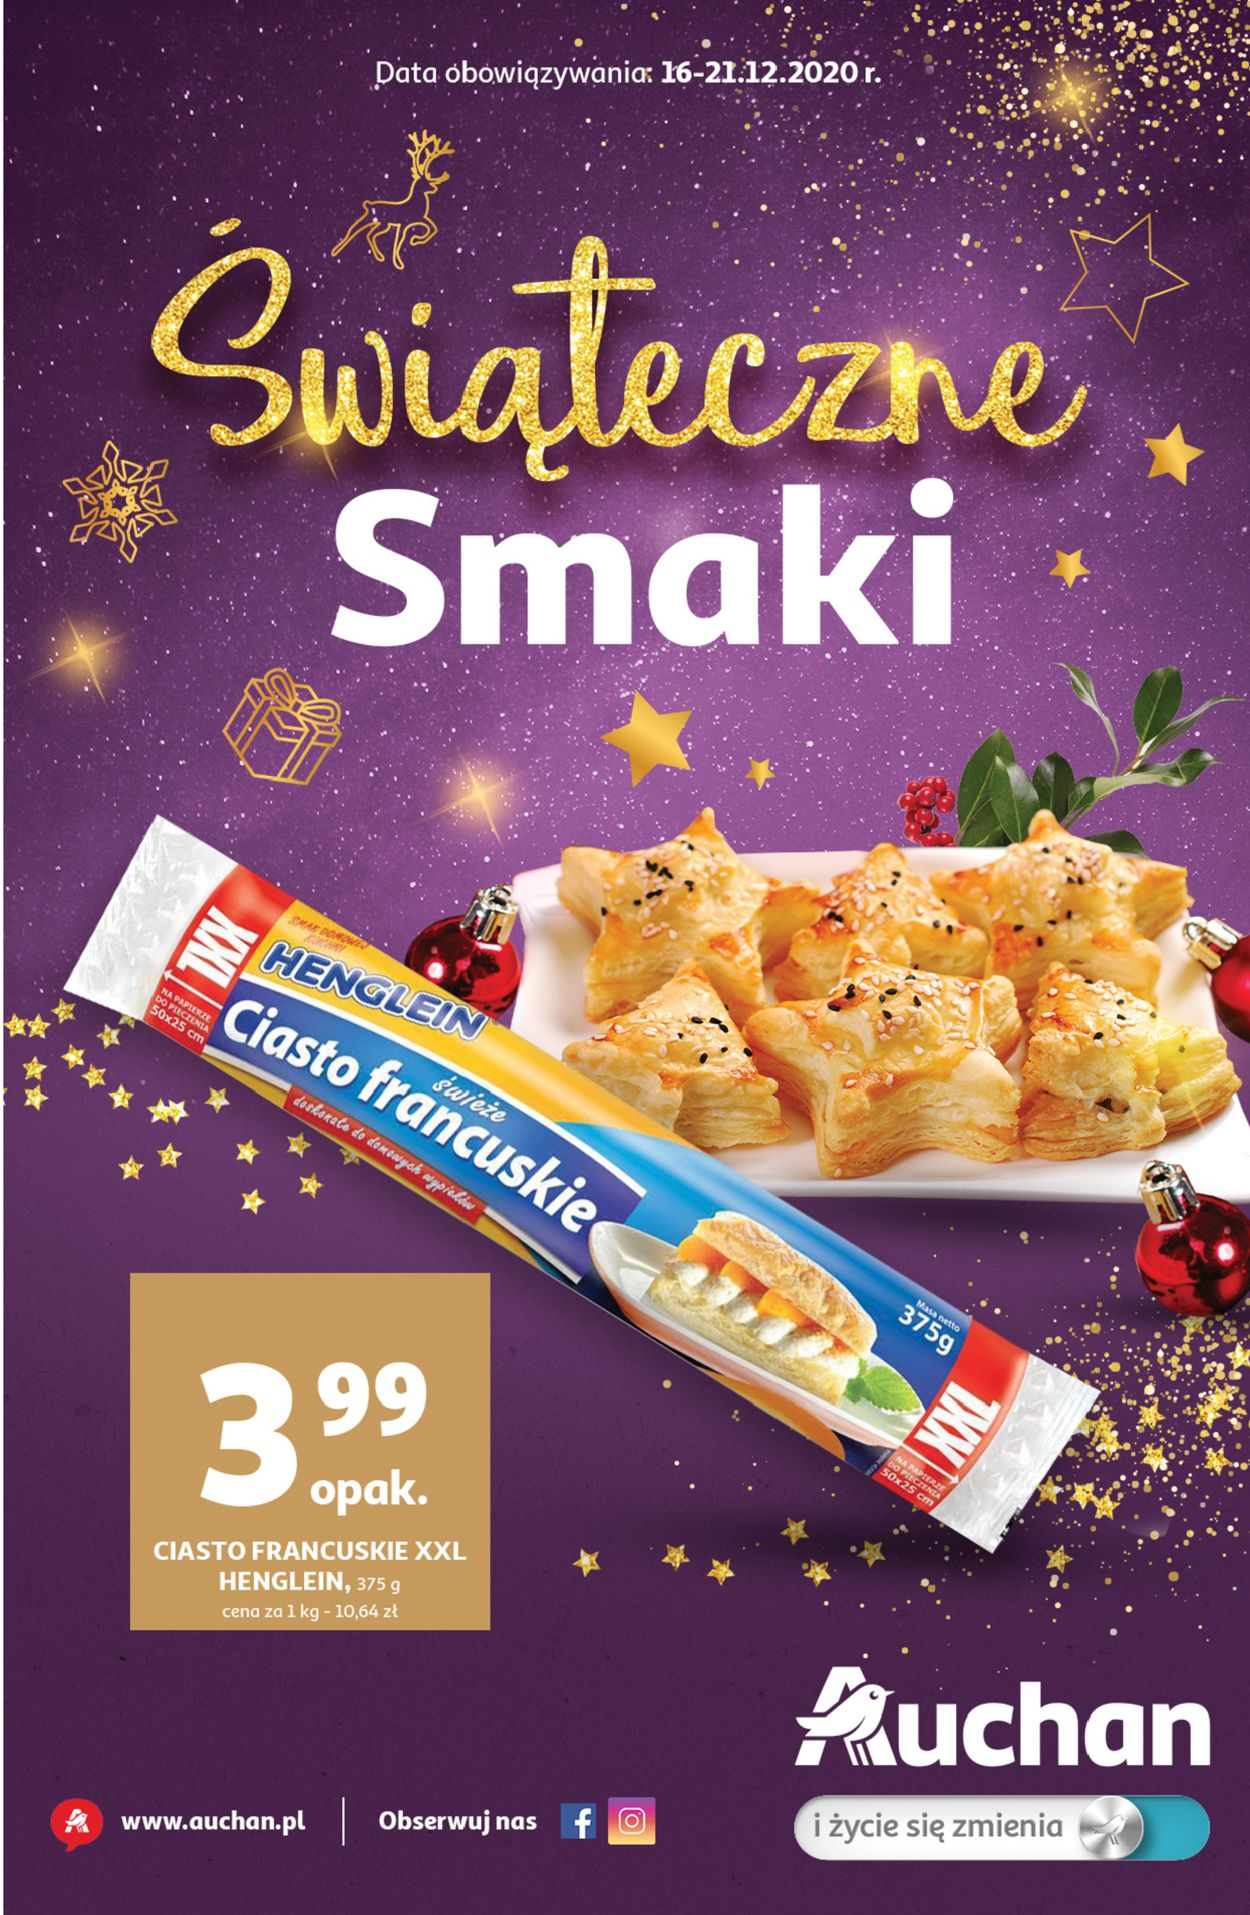 Gazetka promocyjna Auchan Gazetka Świąteczna 2020 - 16.12-21.12.2020